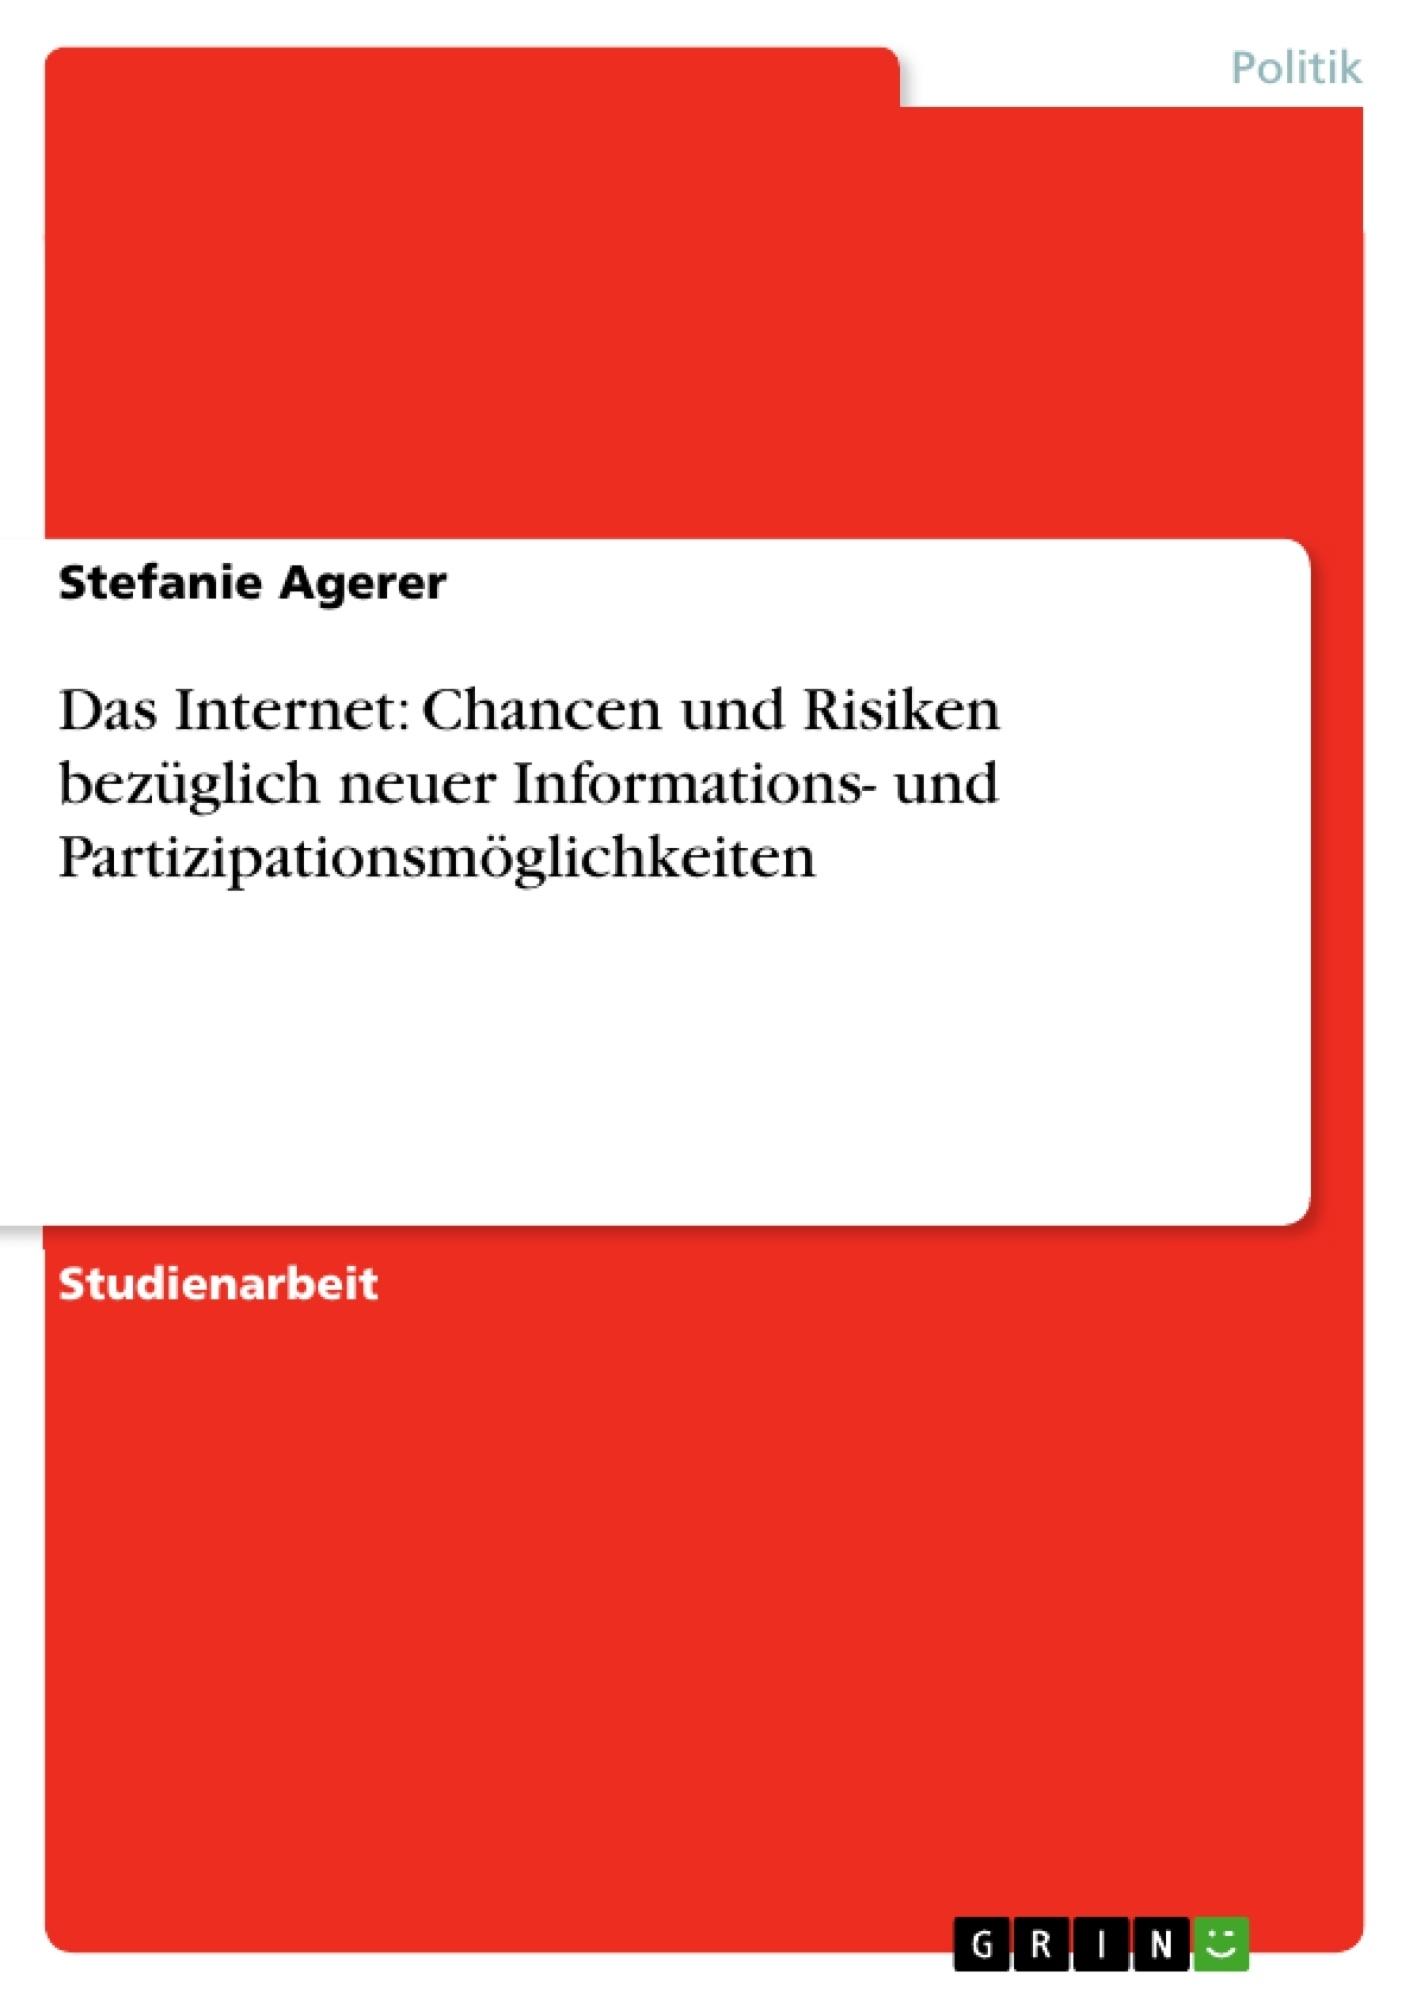 Titel: Das Internet: Chancen und Risiken bezüglich neuer Informations- und Partizipationsmöglichkeiten